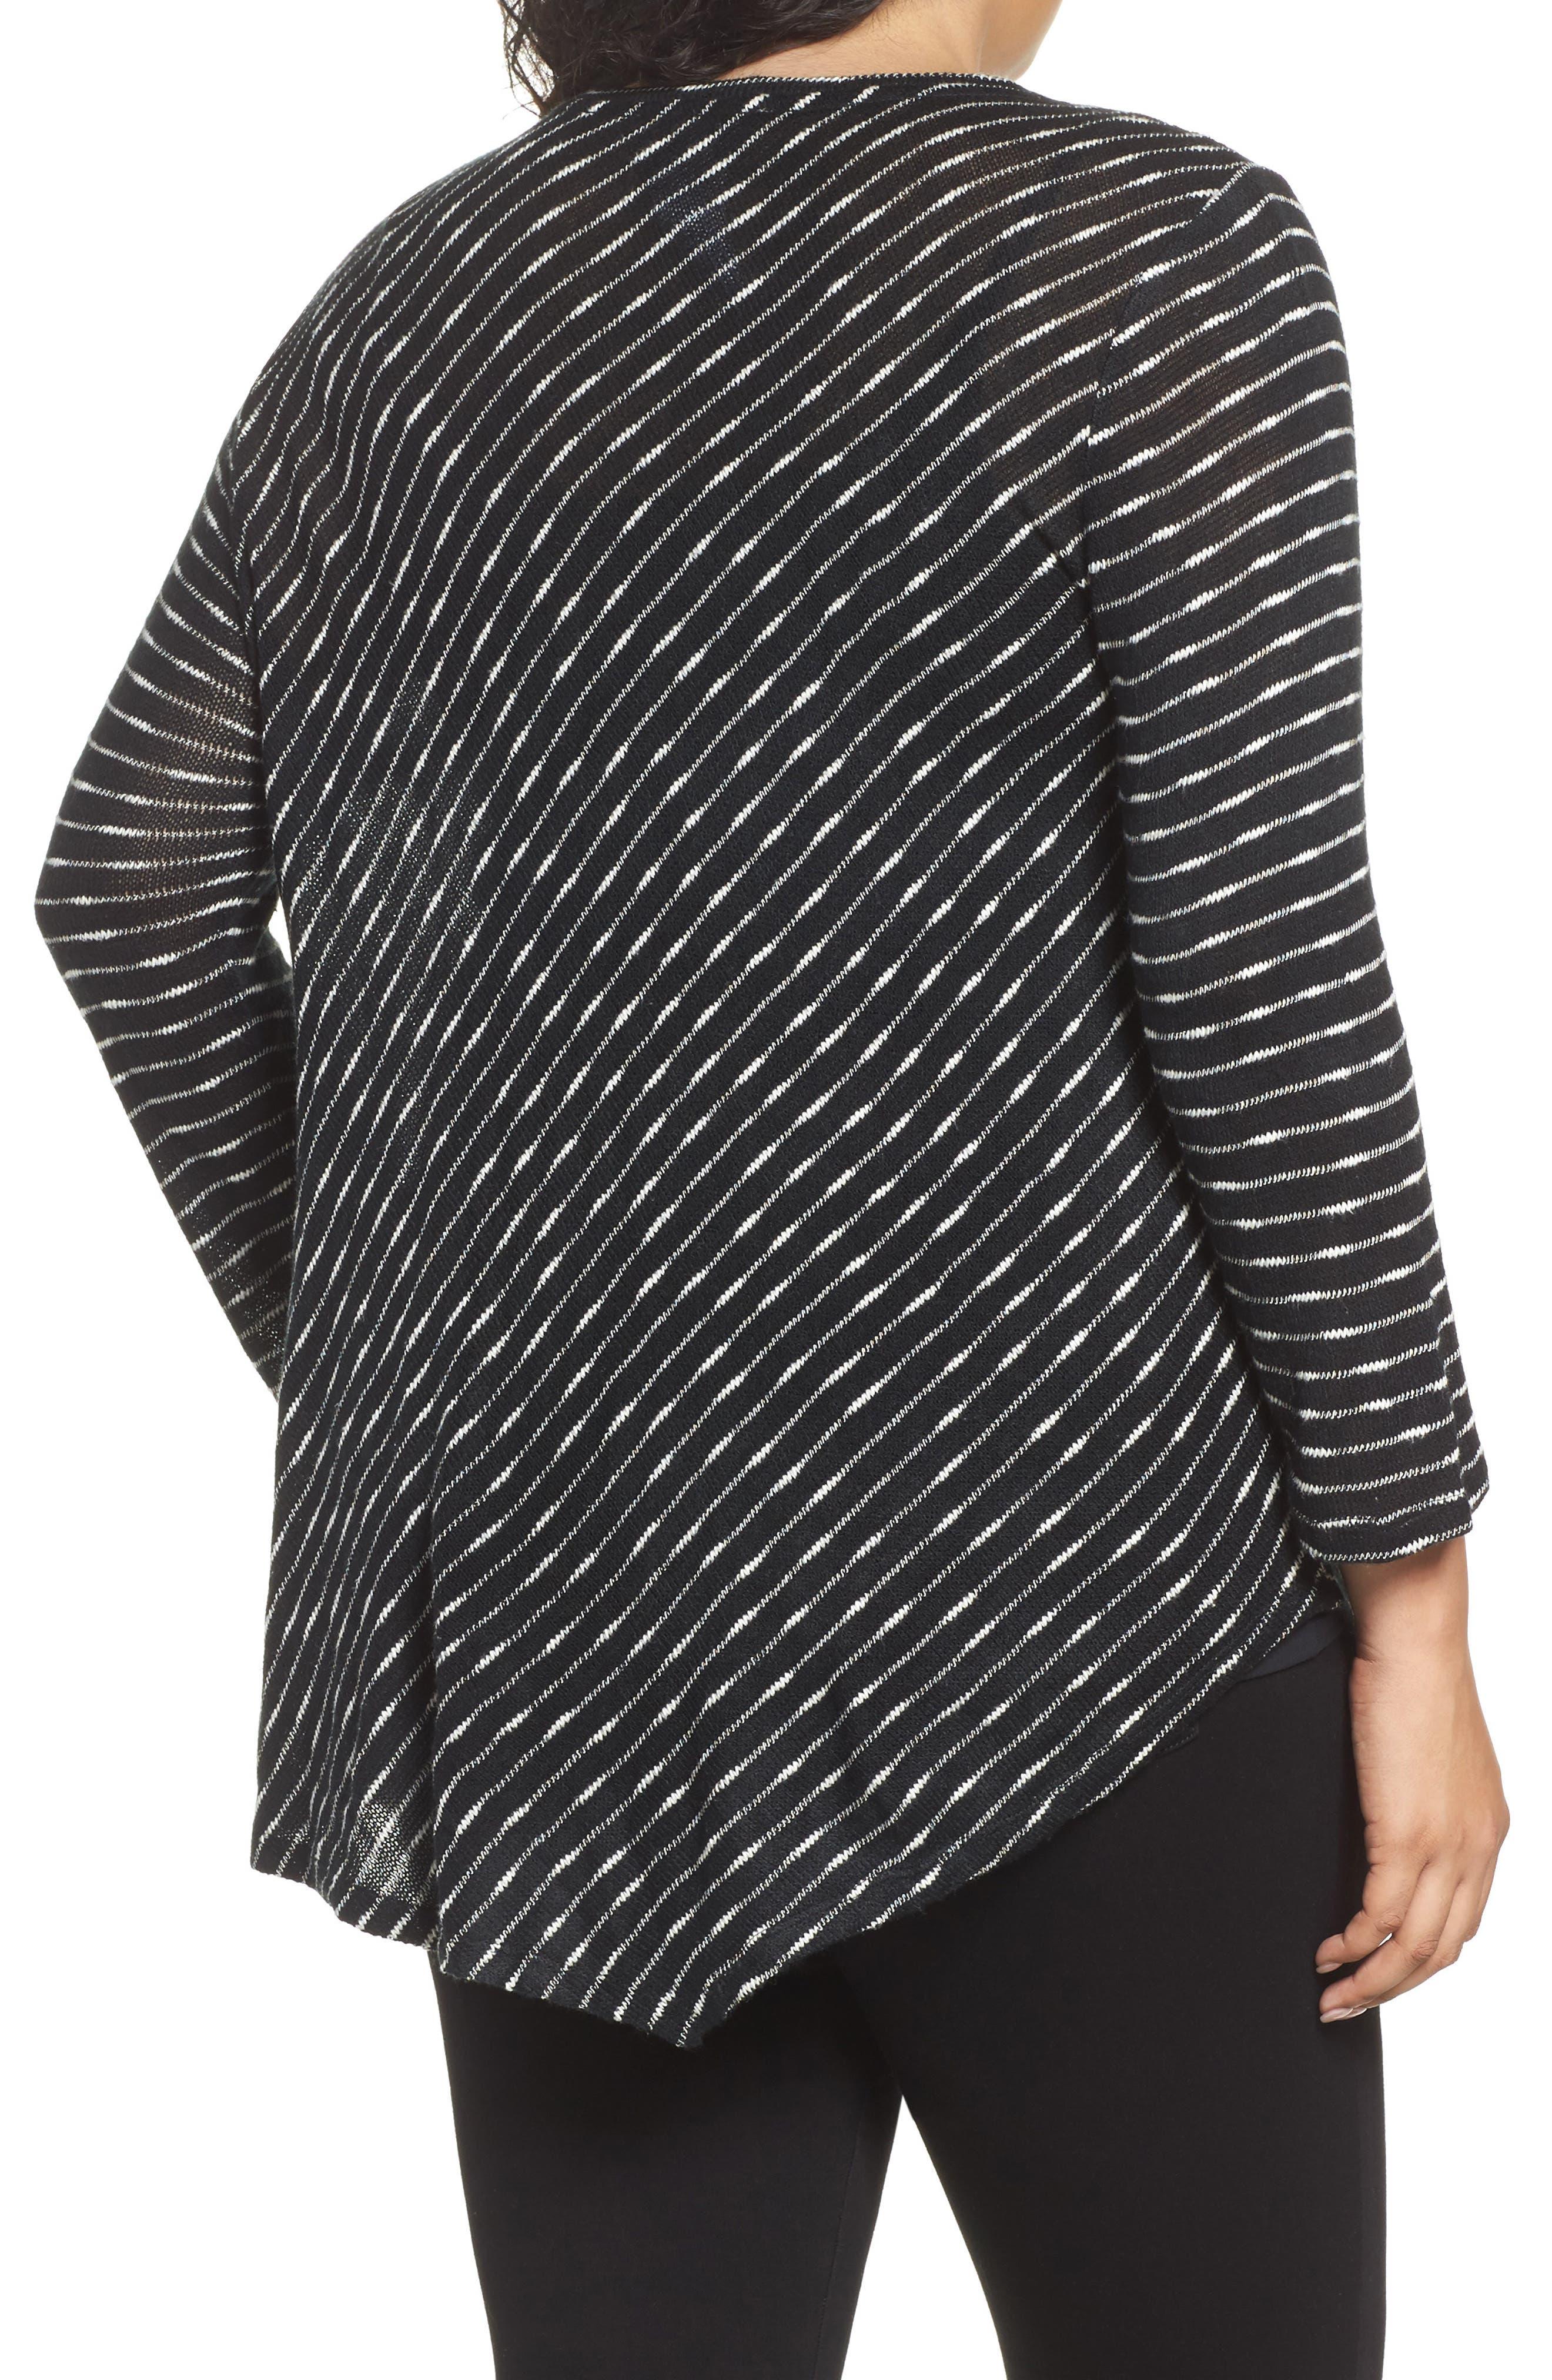 Asymmetrical Stripe Knit Top,                             Alternate thumbnail 2, color,                             010